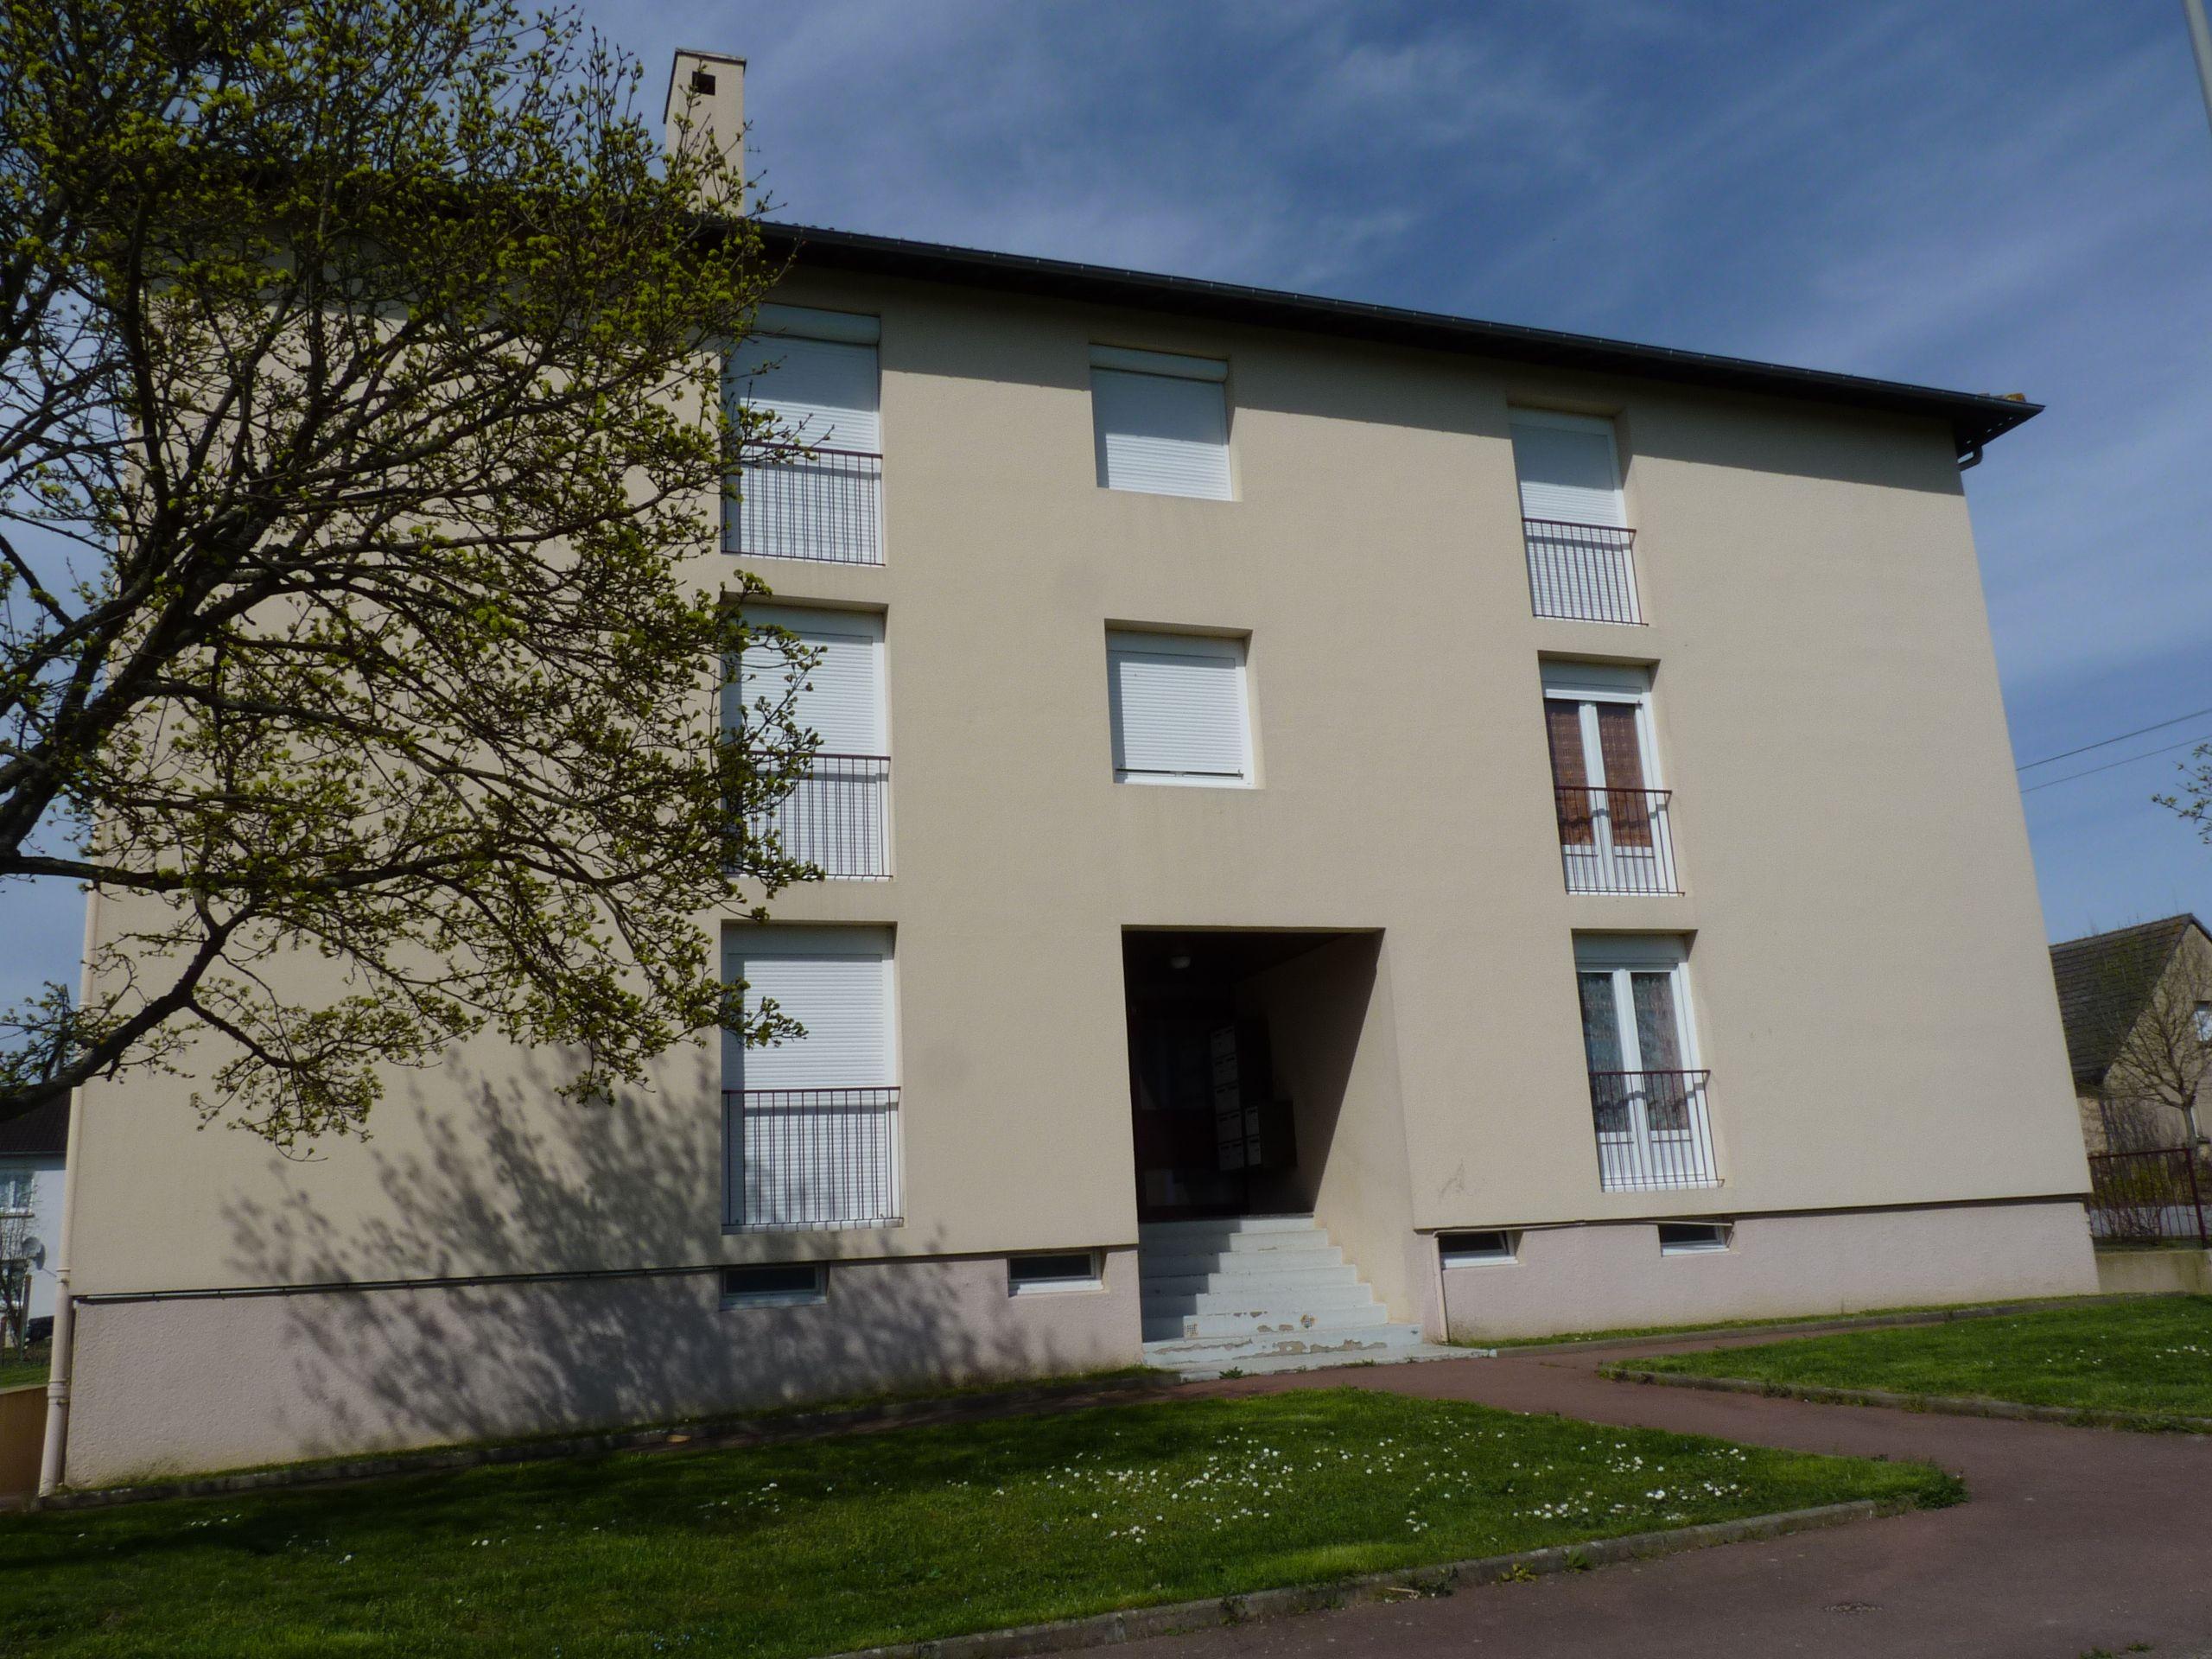 Logement bretoncelles locataion appartement t3 for Entretien exterieur locataire